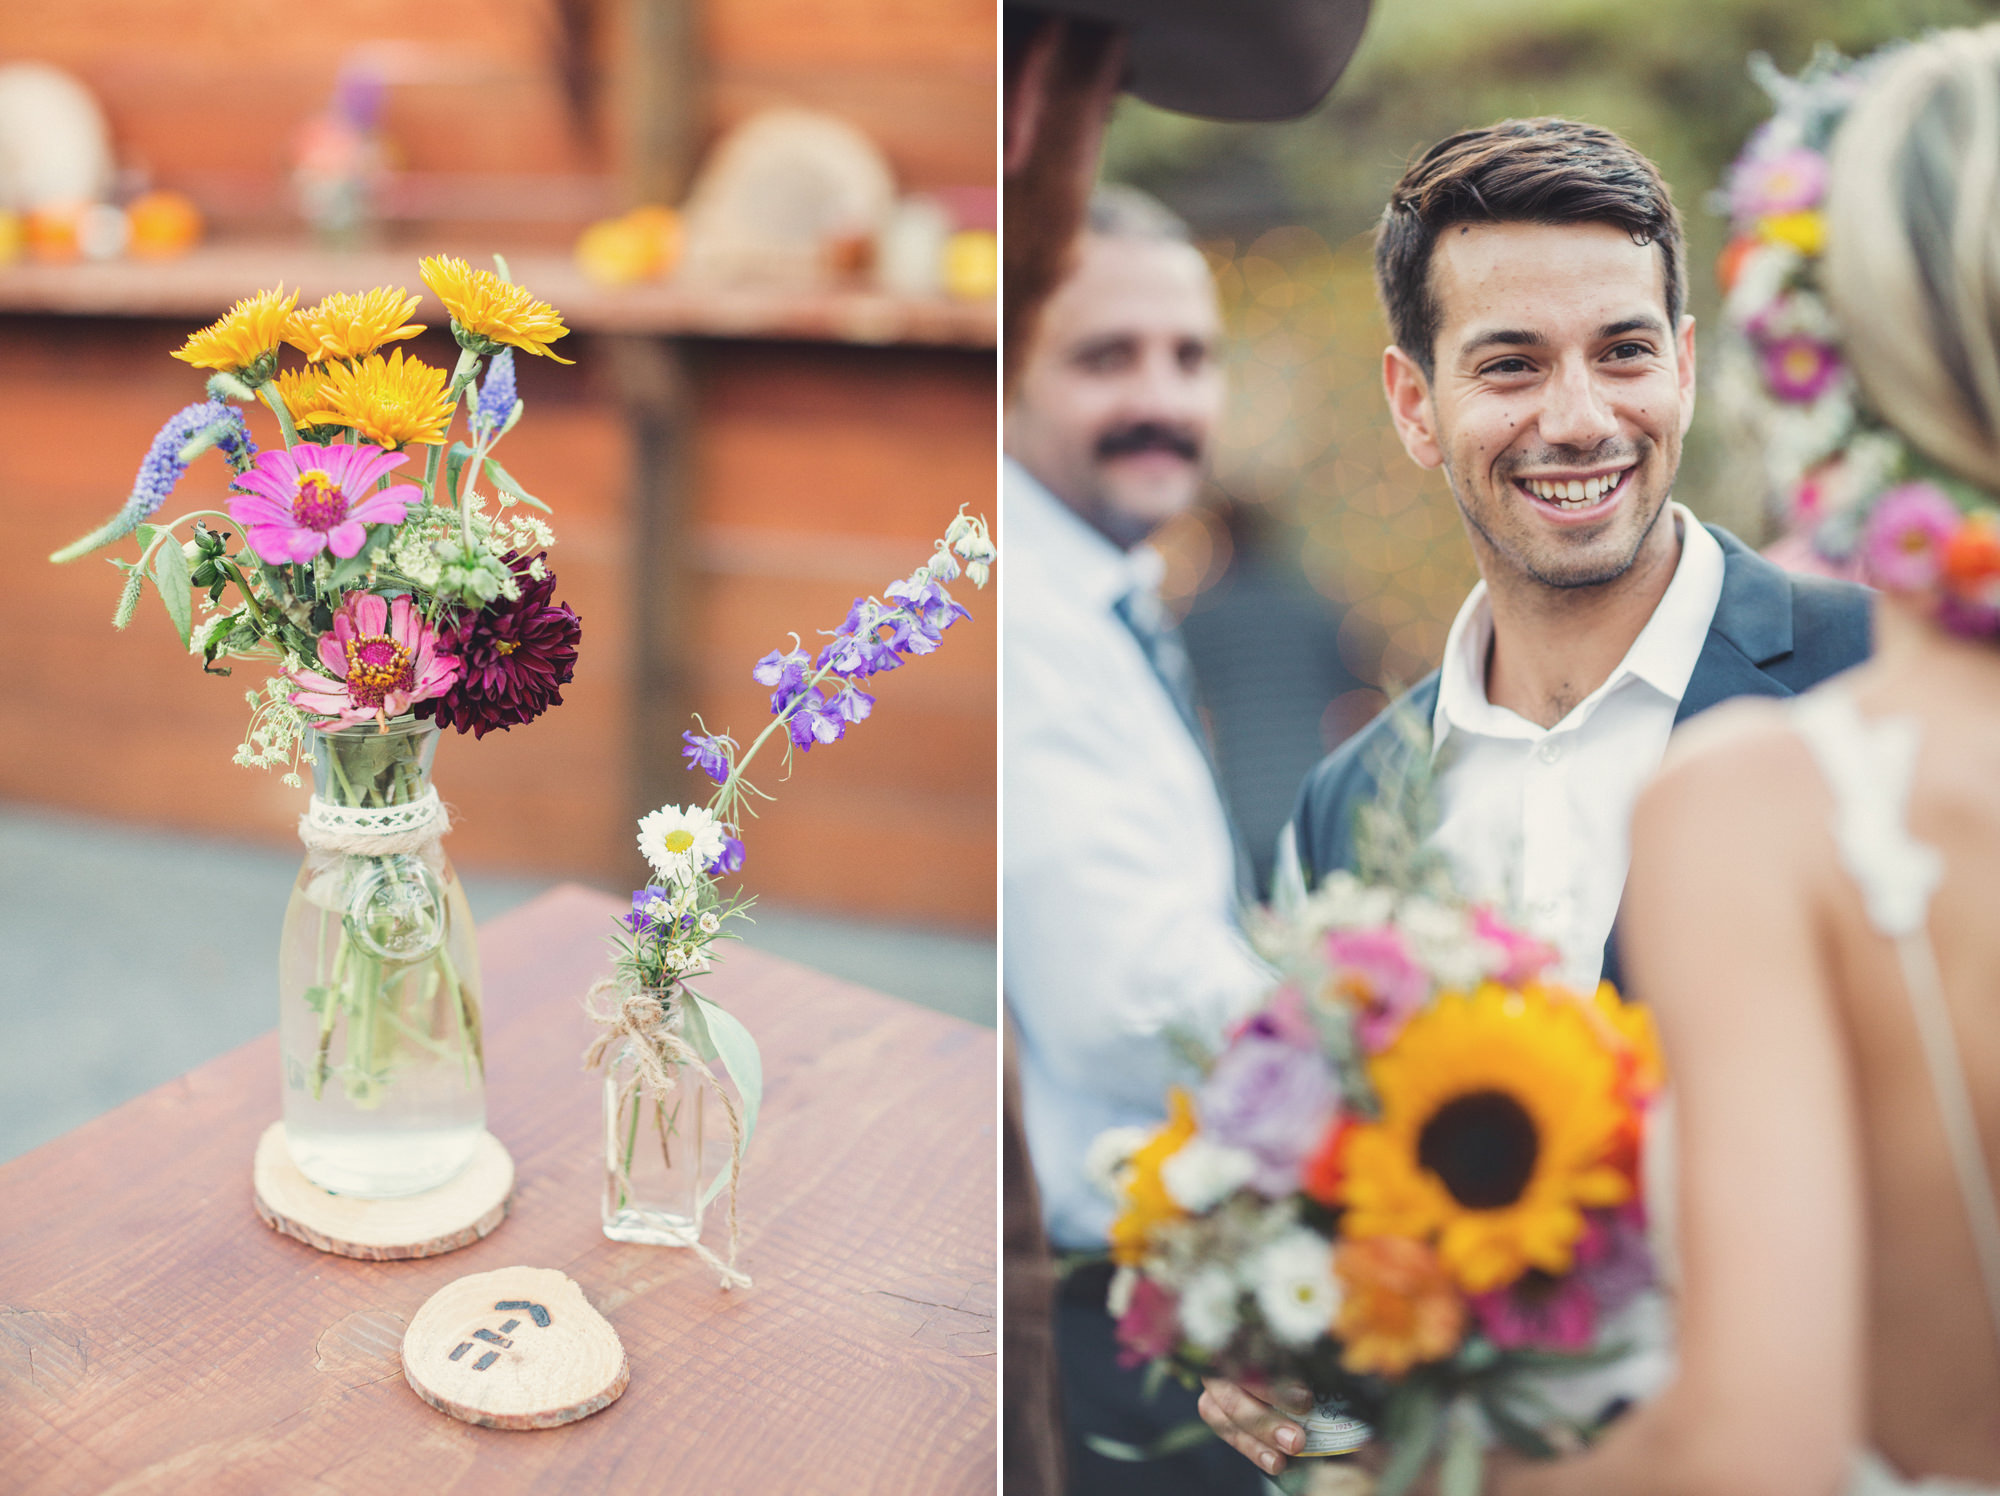 Rustic wedding in California ©Anne-Claire Brun 107